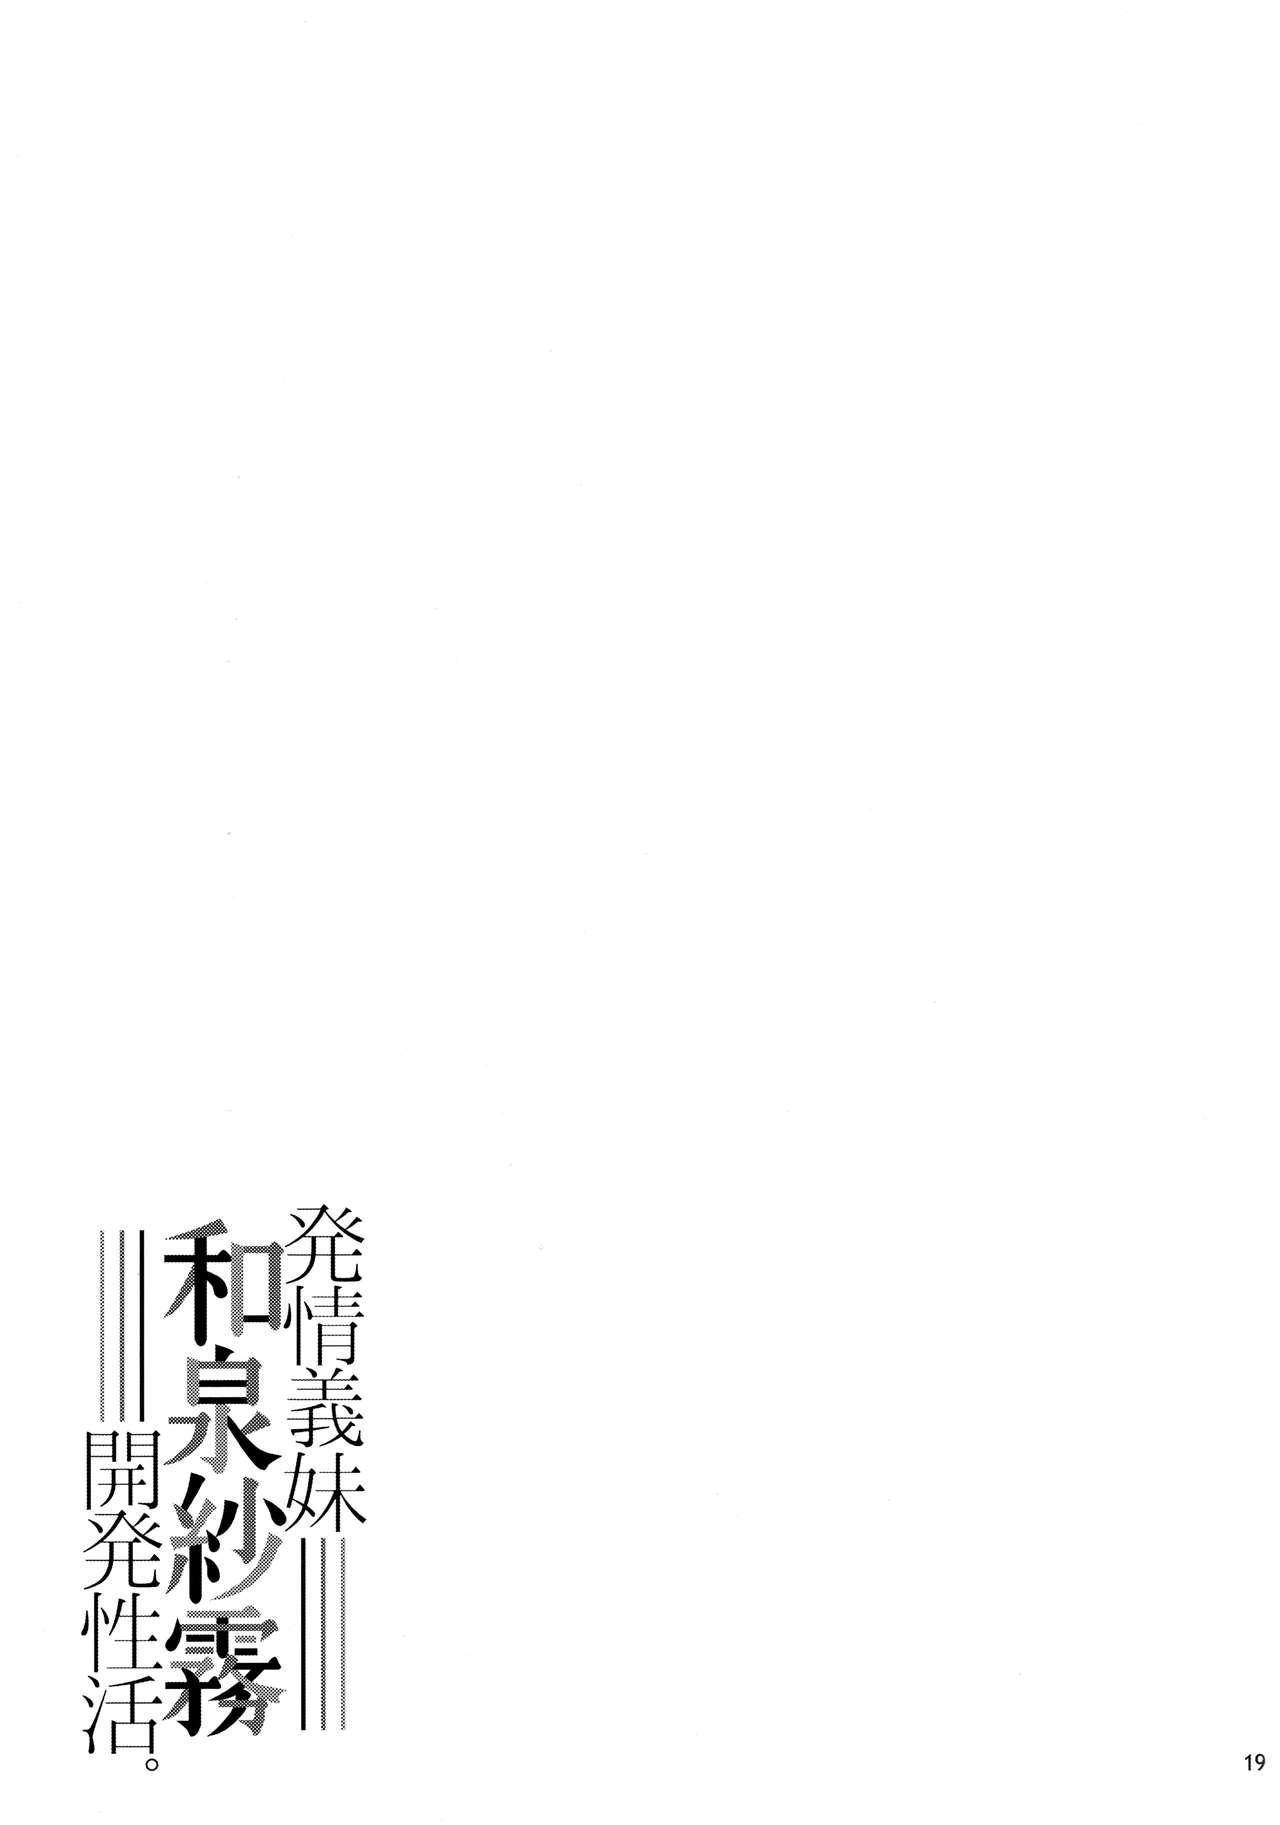 Hatsujou Gimai Izumi Sagiri Kaihatsu Seikatsu. 19